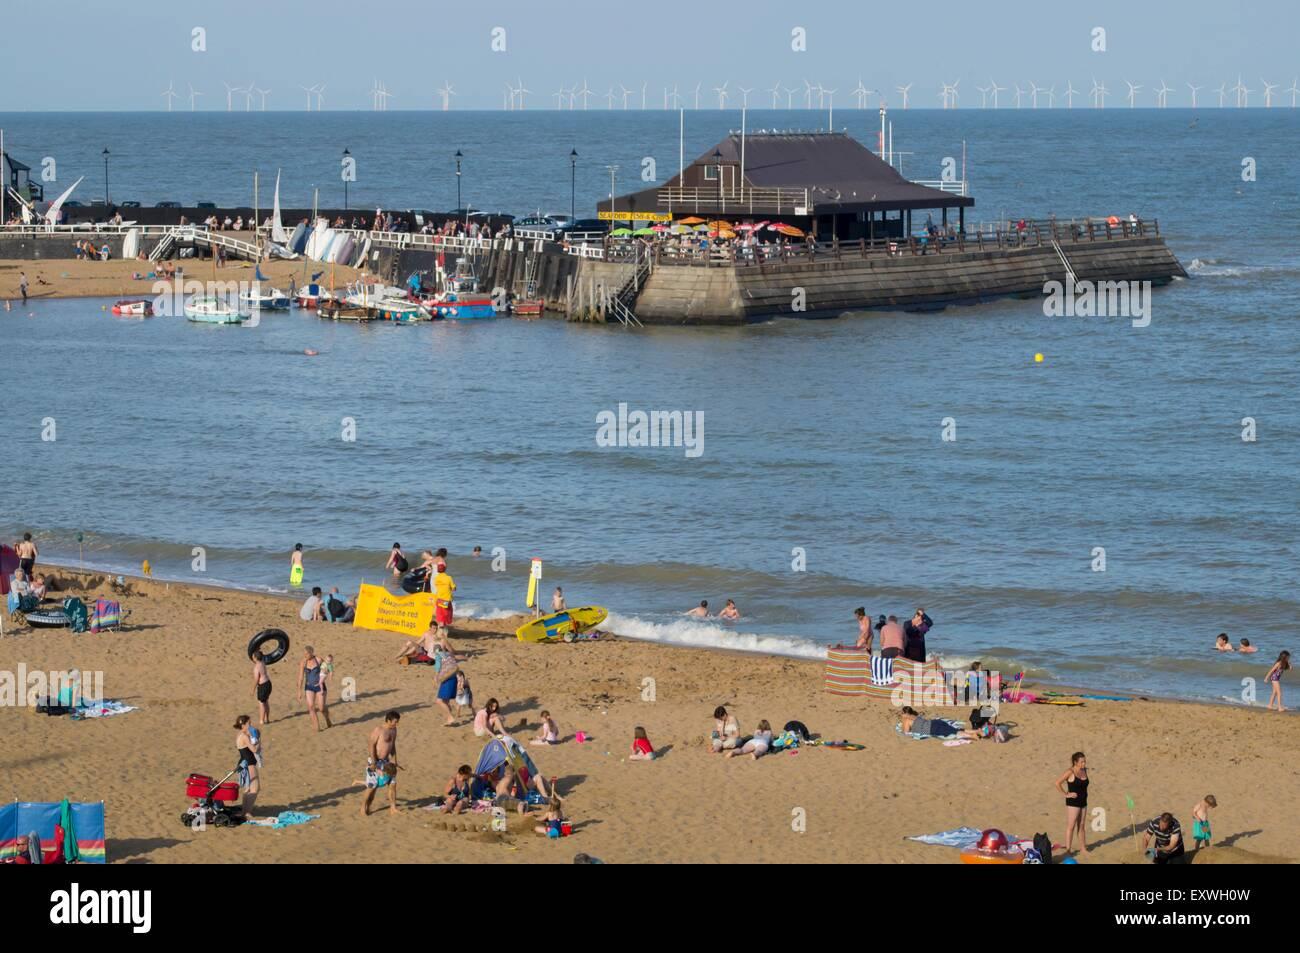 Viking Bay, Broadstairs, Kent, England, Great Britain, Europe - Stock Image